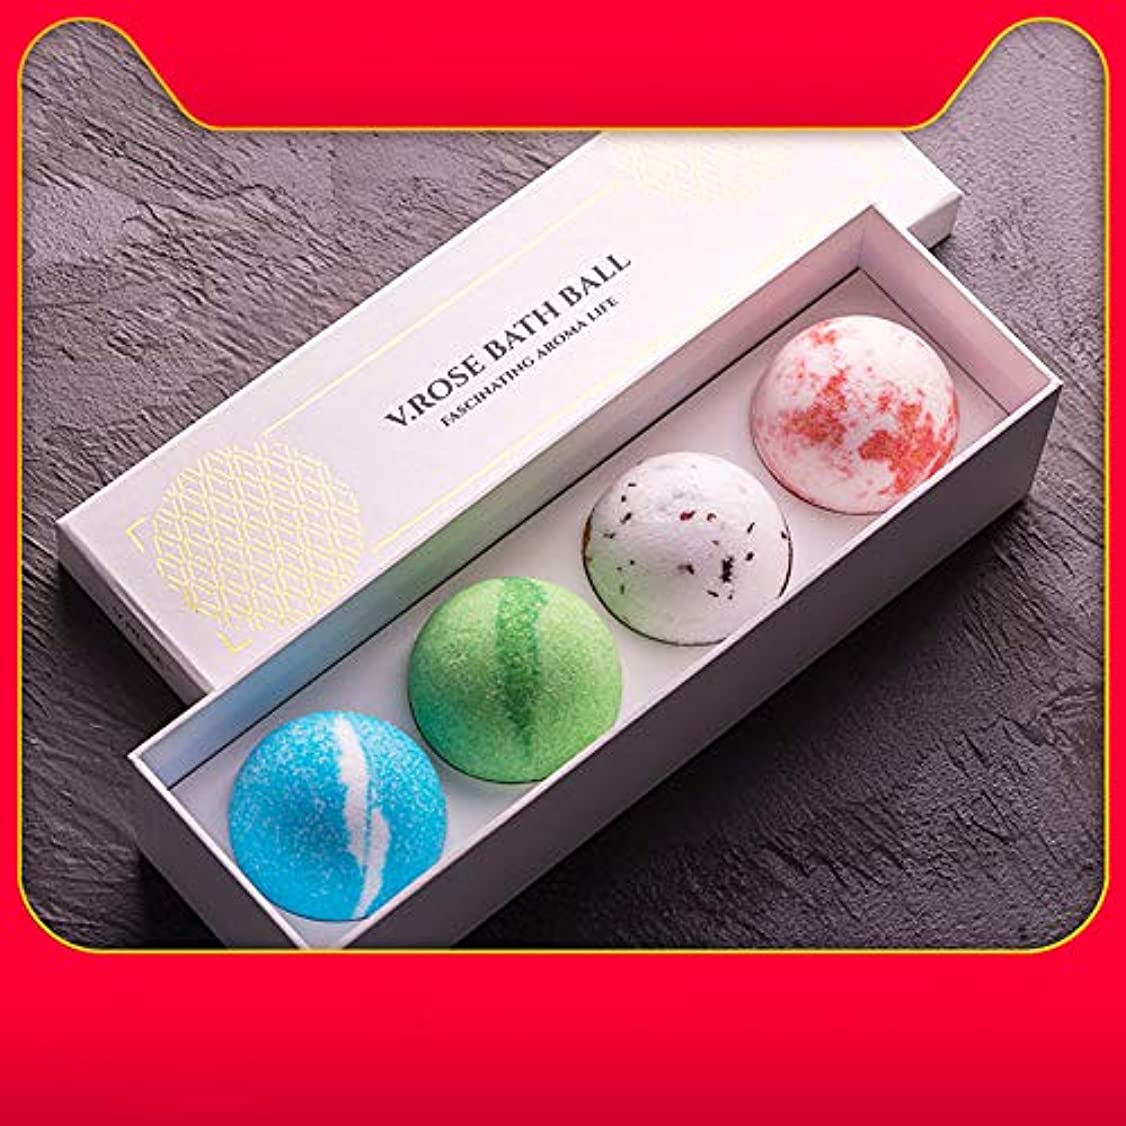 櫛受信トマトバスボム 炭酸 入浴剤 ギフト 手作り お風呂用 4つの香りキット 天然素材 カラフル バスボール 母の日 結婚記念日 プレゼント